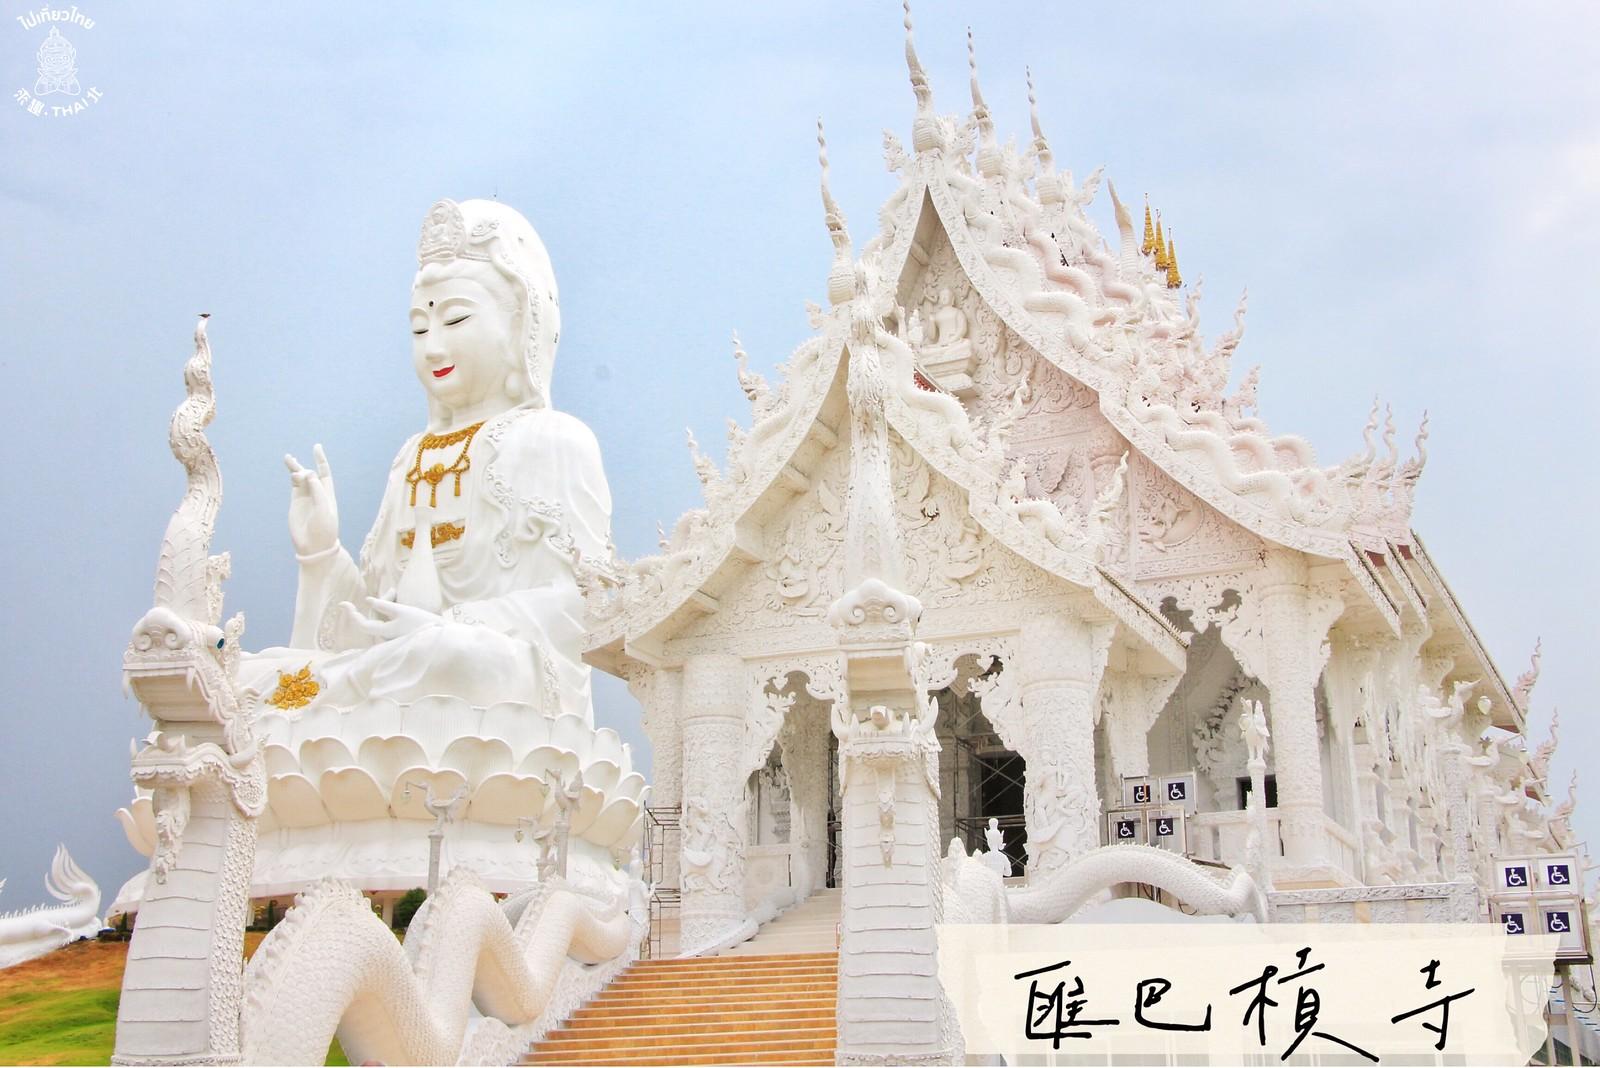 泰國最大觀音像《วัดห้วยปลากั้ง 匯巴槓寺》